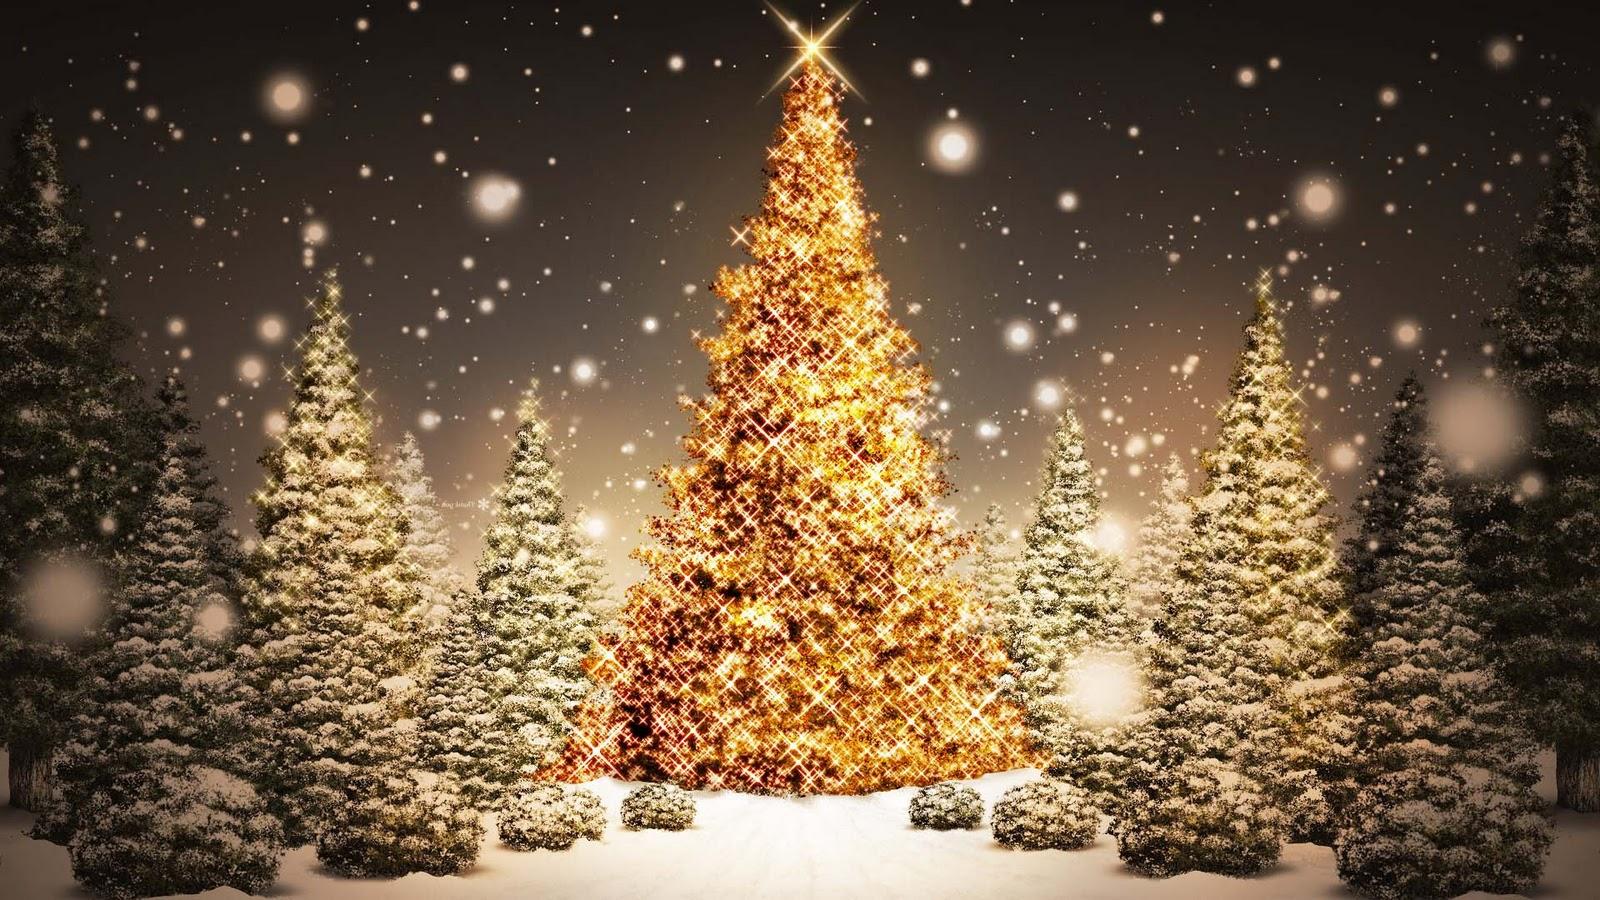 Mooie-kerst-achtergronden-leuke-hd-kerst-wallpapers-afbeeldingen-plaatjes-foto-24